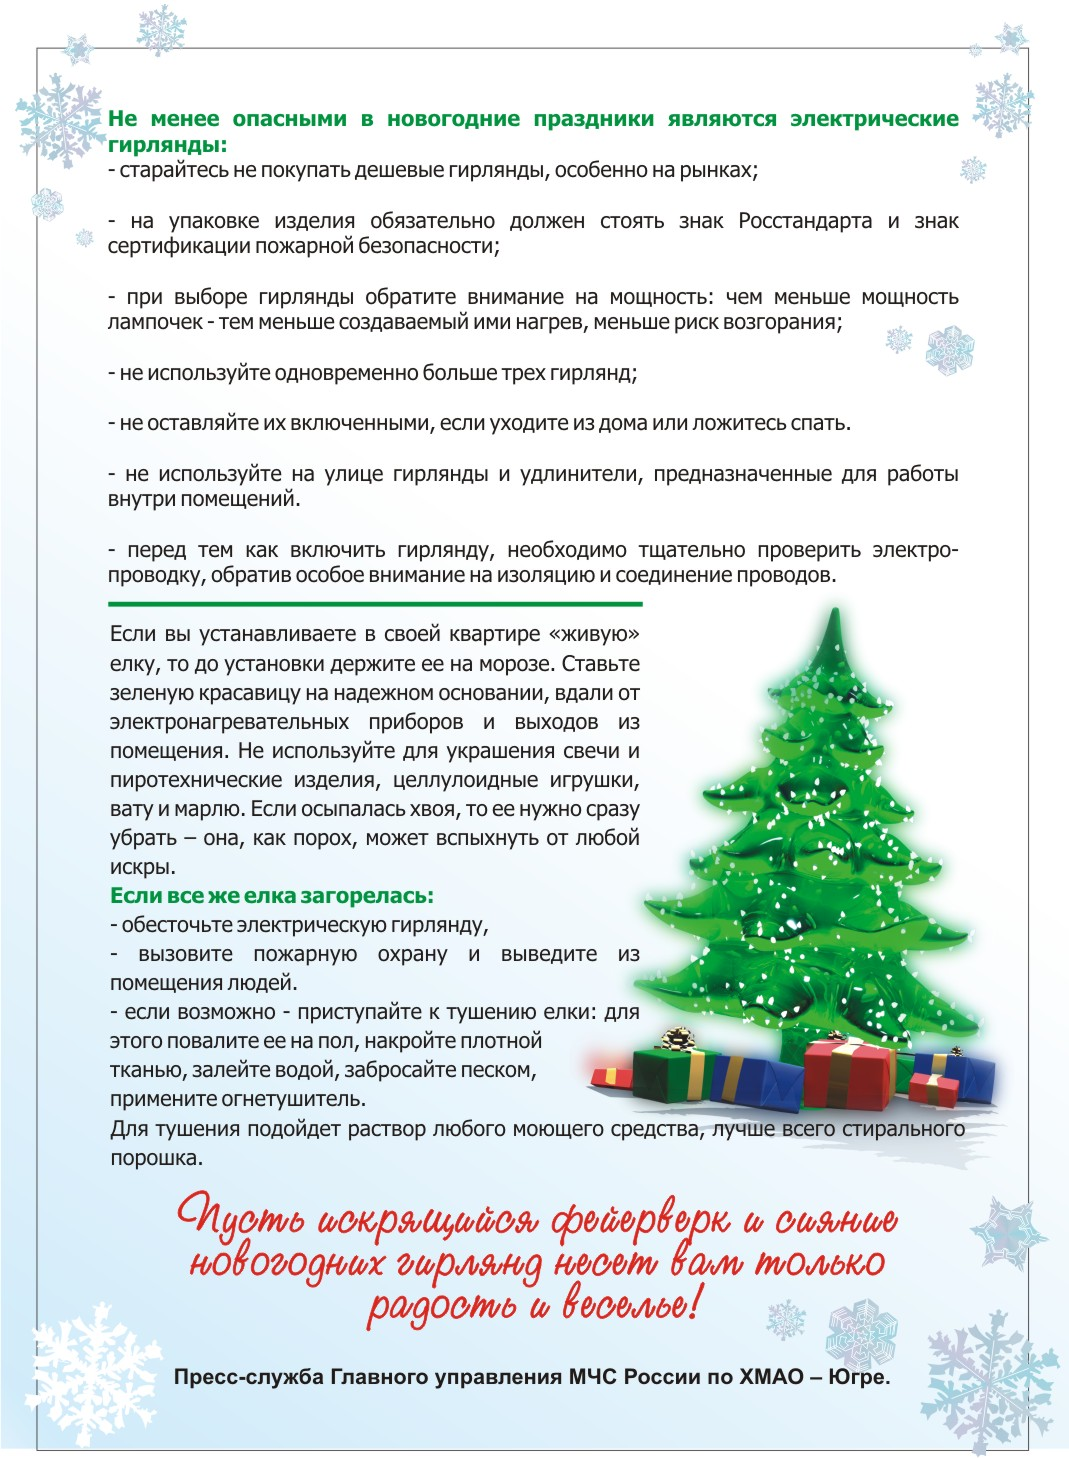 инструкции на новогодние праздники